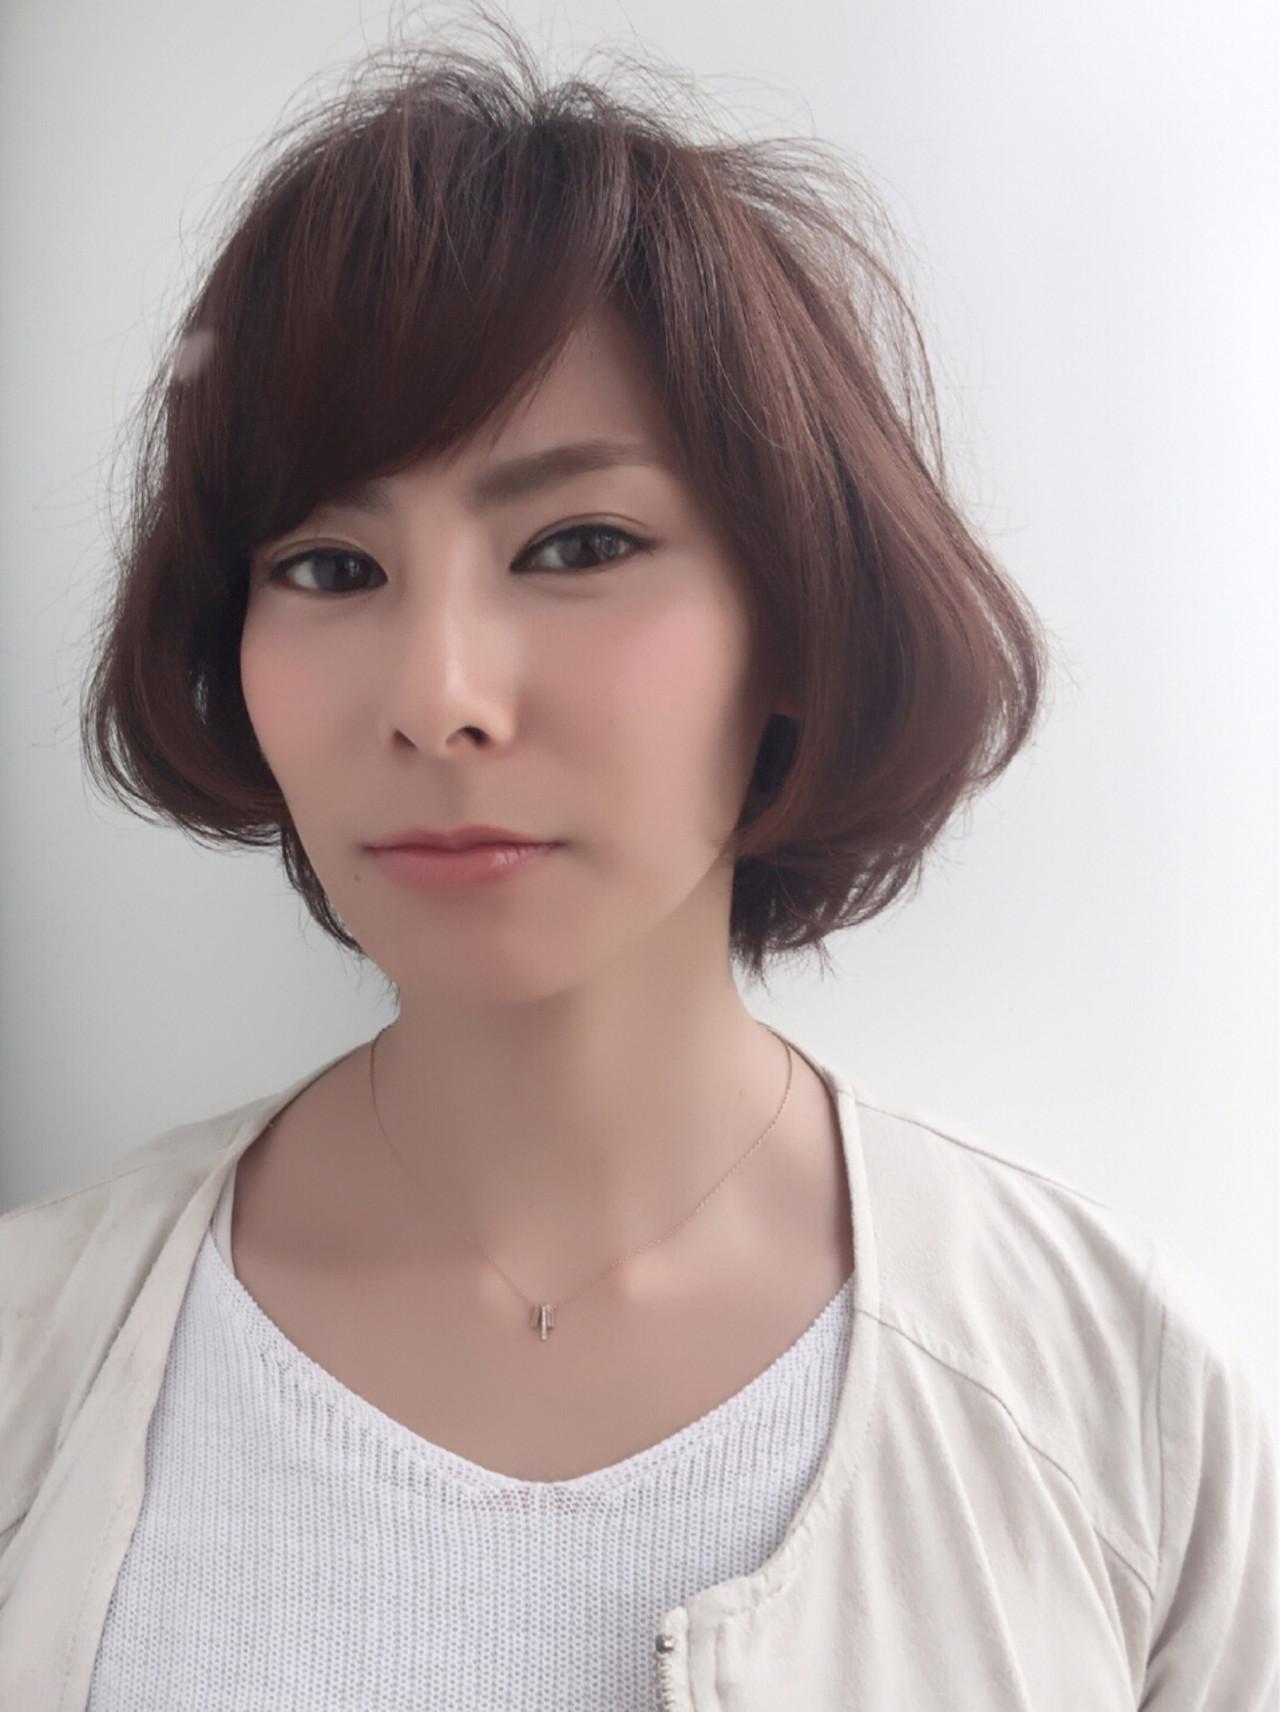 大人女子 似合わせ ナチュラル ショート ヘアスタイルや髪型の写真・画像